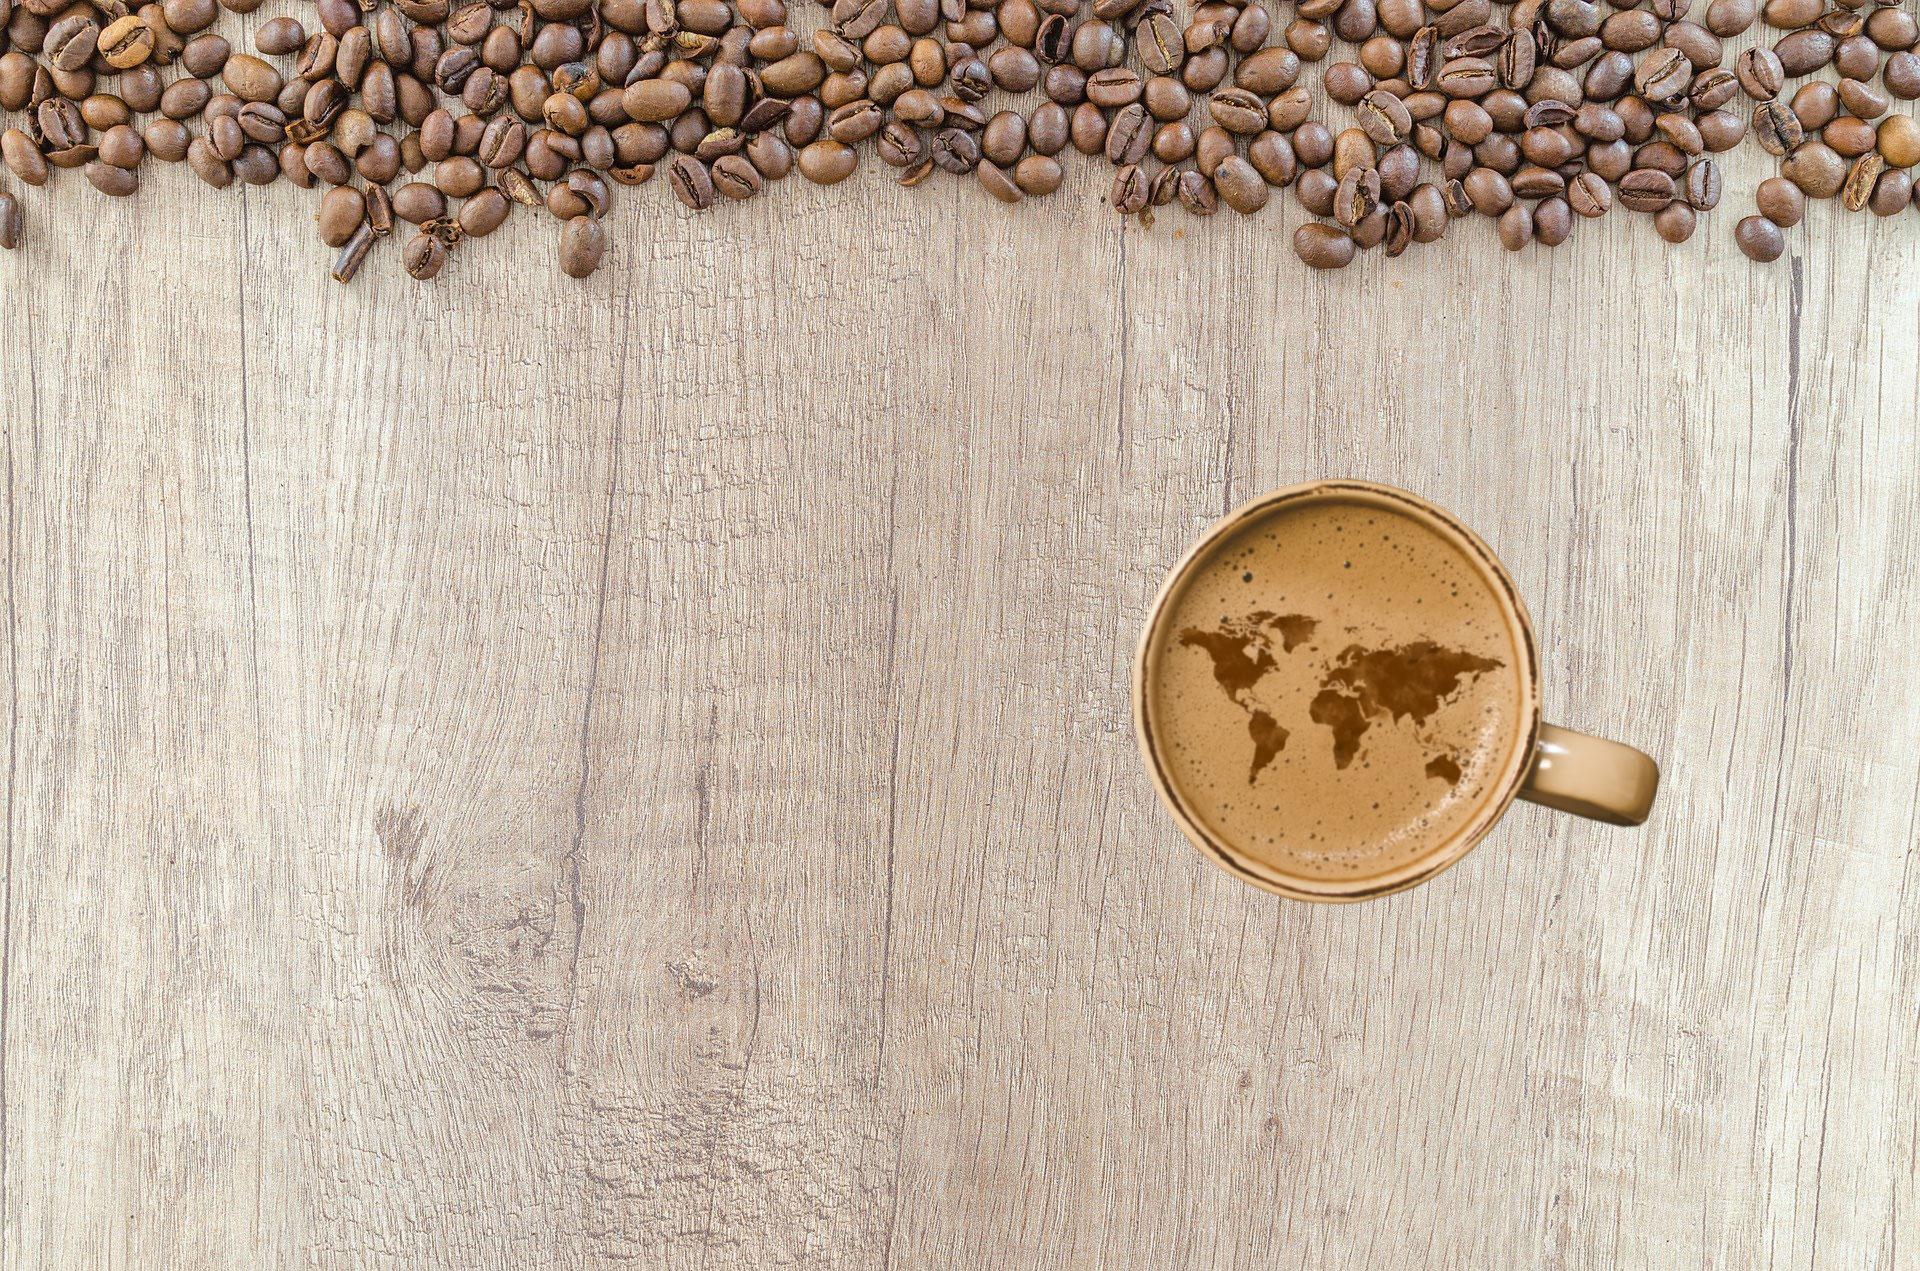 Grands crus de café